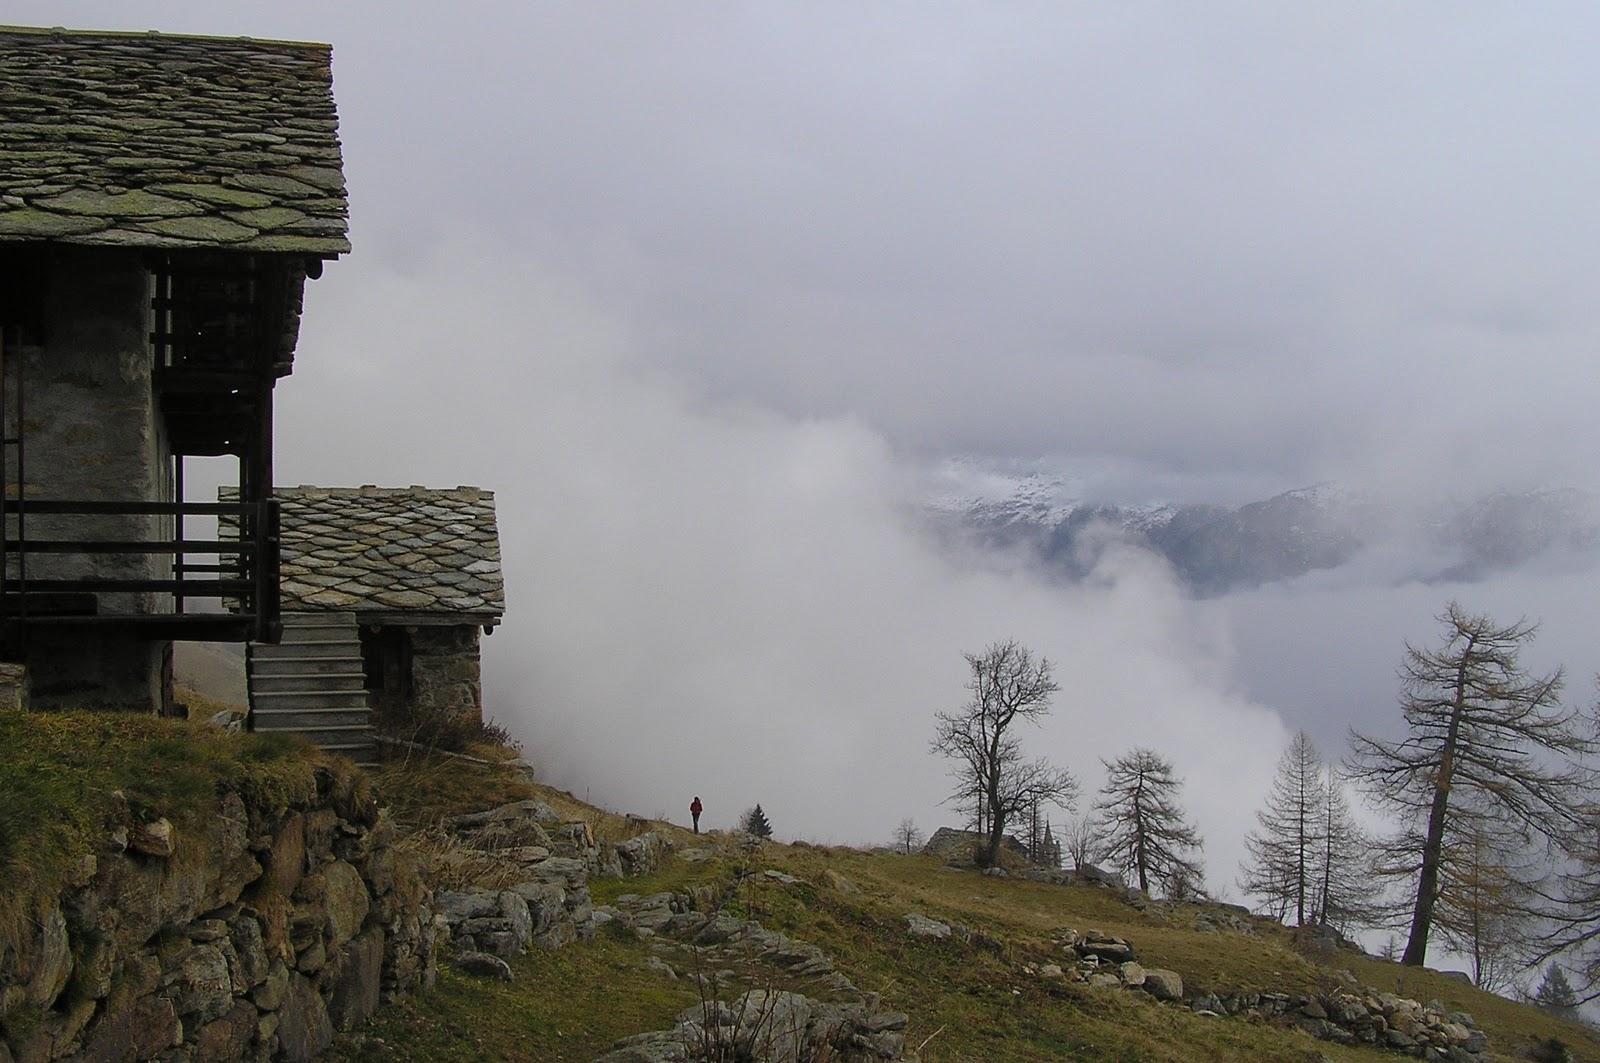 Malati di montagna homines dicti walser un popolo nel cuore delle alpi - Riscaldare velocemente casa montagna ...